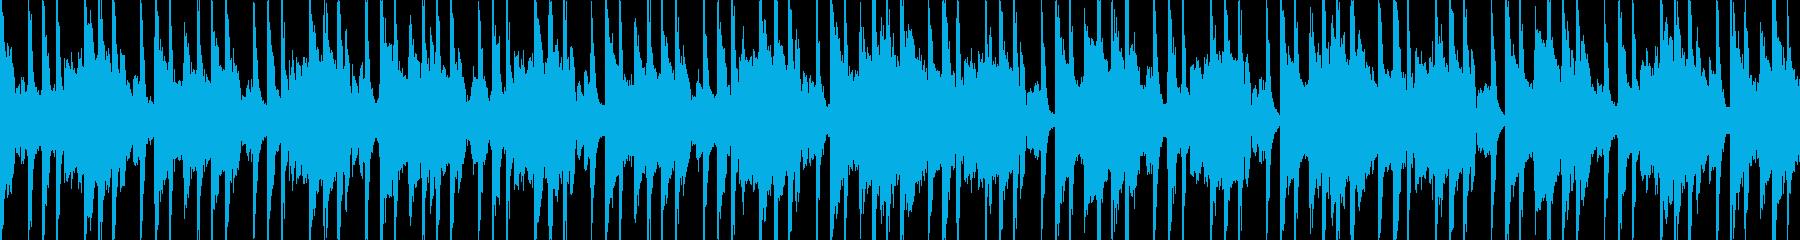 汎用BGM/爽やか(LOOP対応)の再生済みの波形